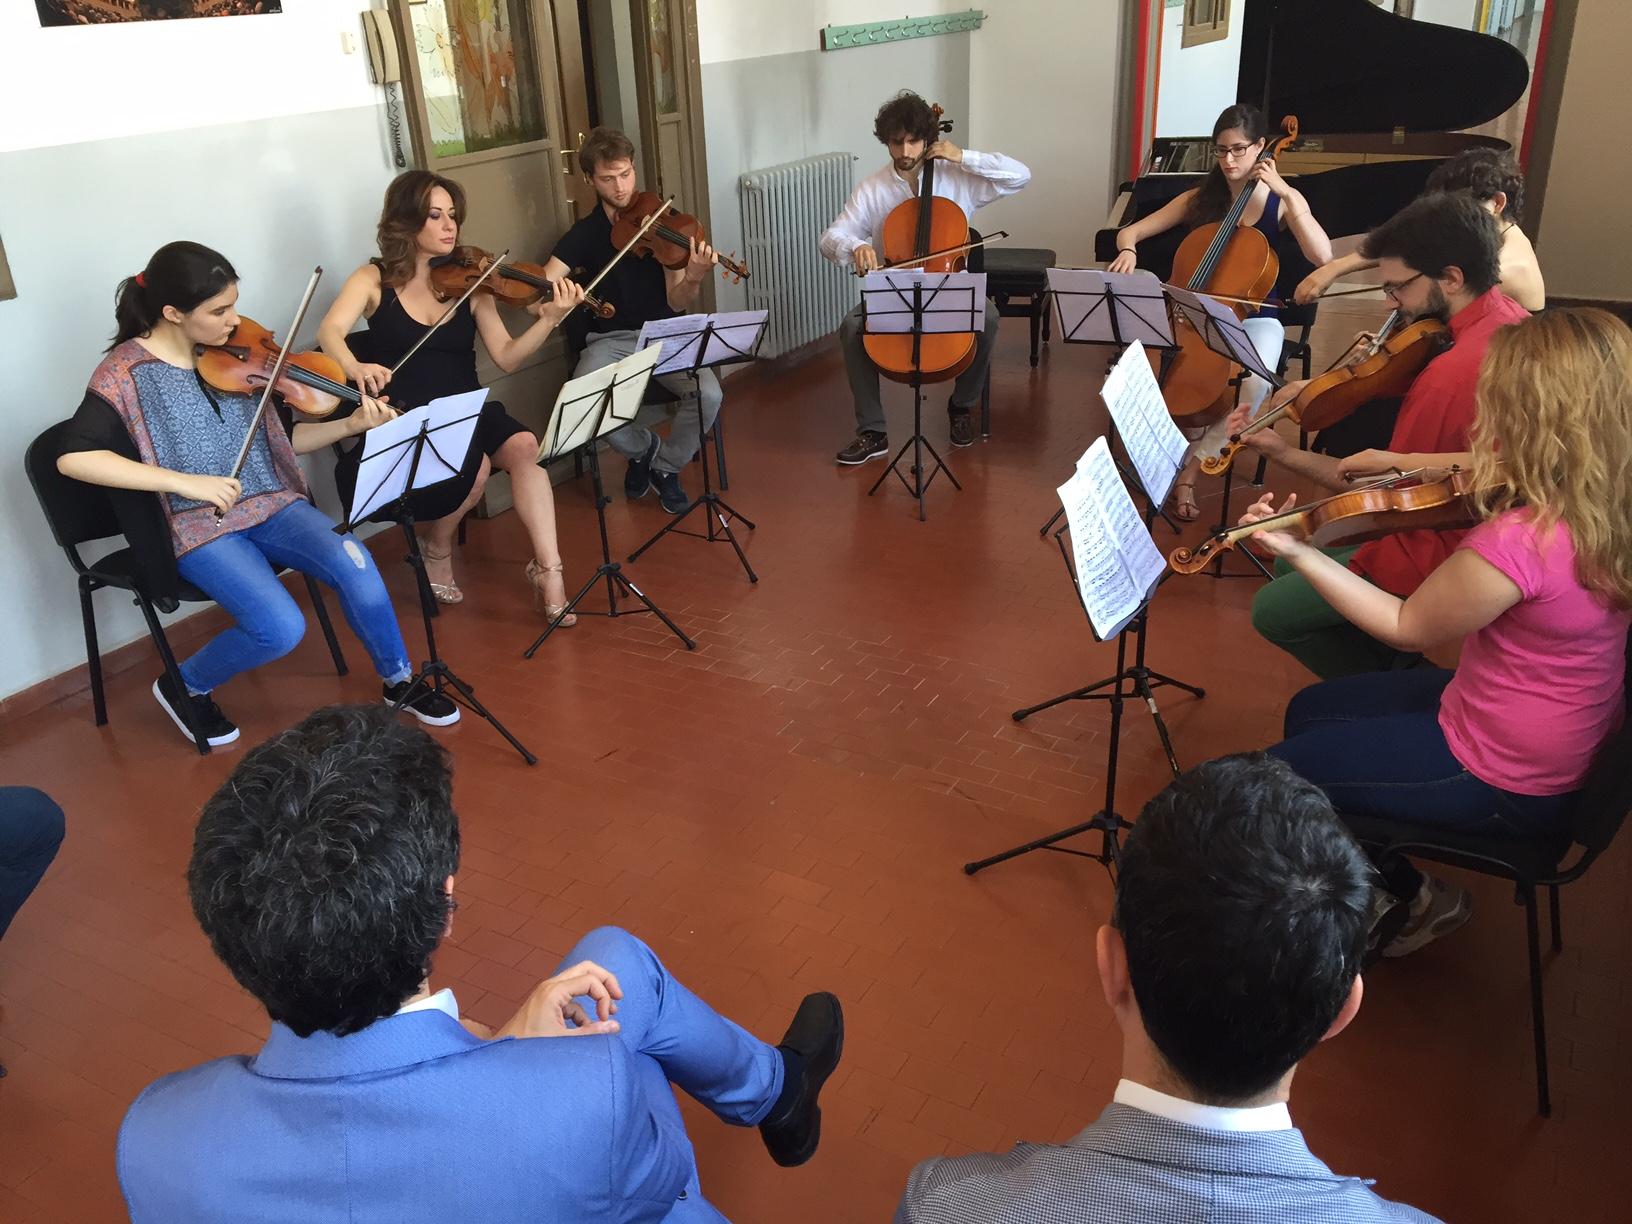 Istituto Monteverdi: i numeri sono in crescita. Continuiamo a lavorare per questa eccellenza del Sistema Cremona